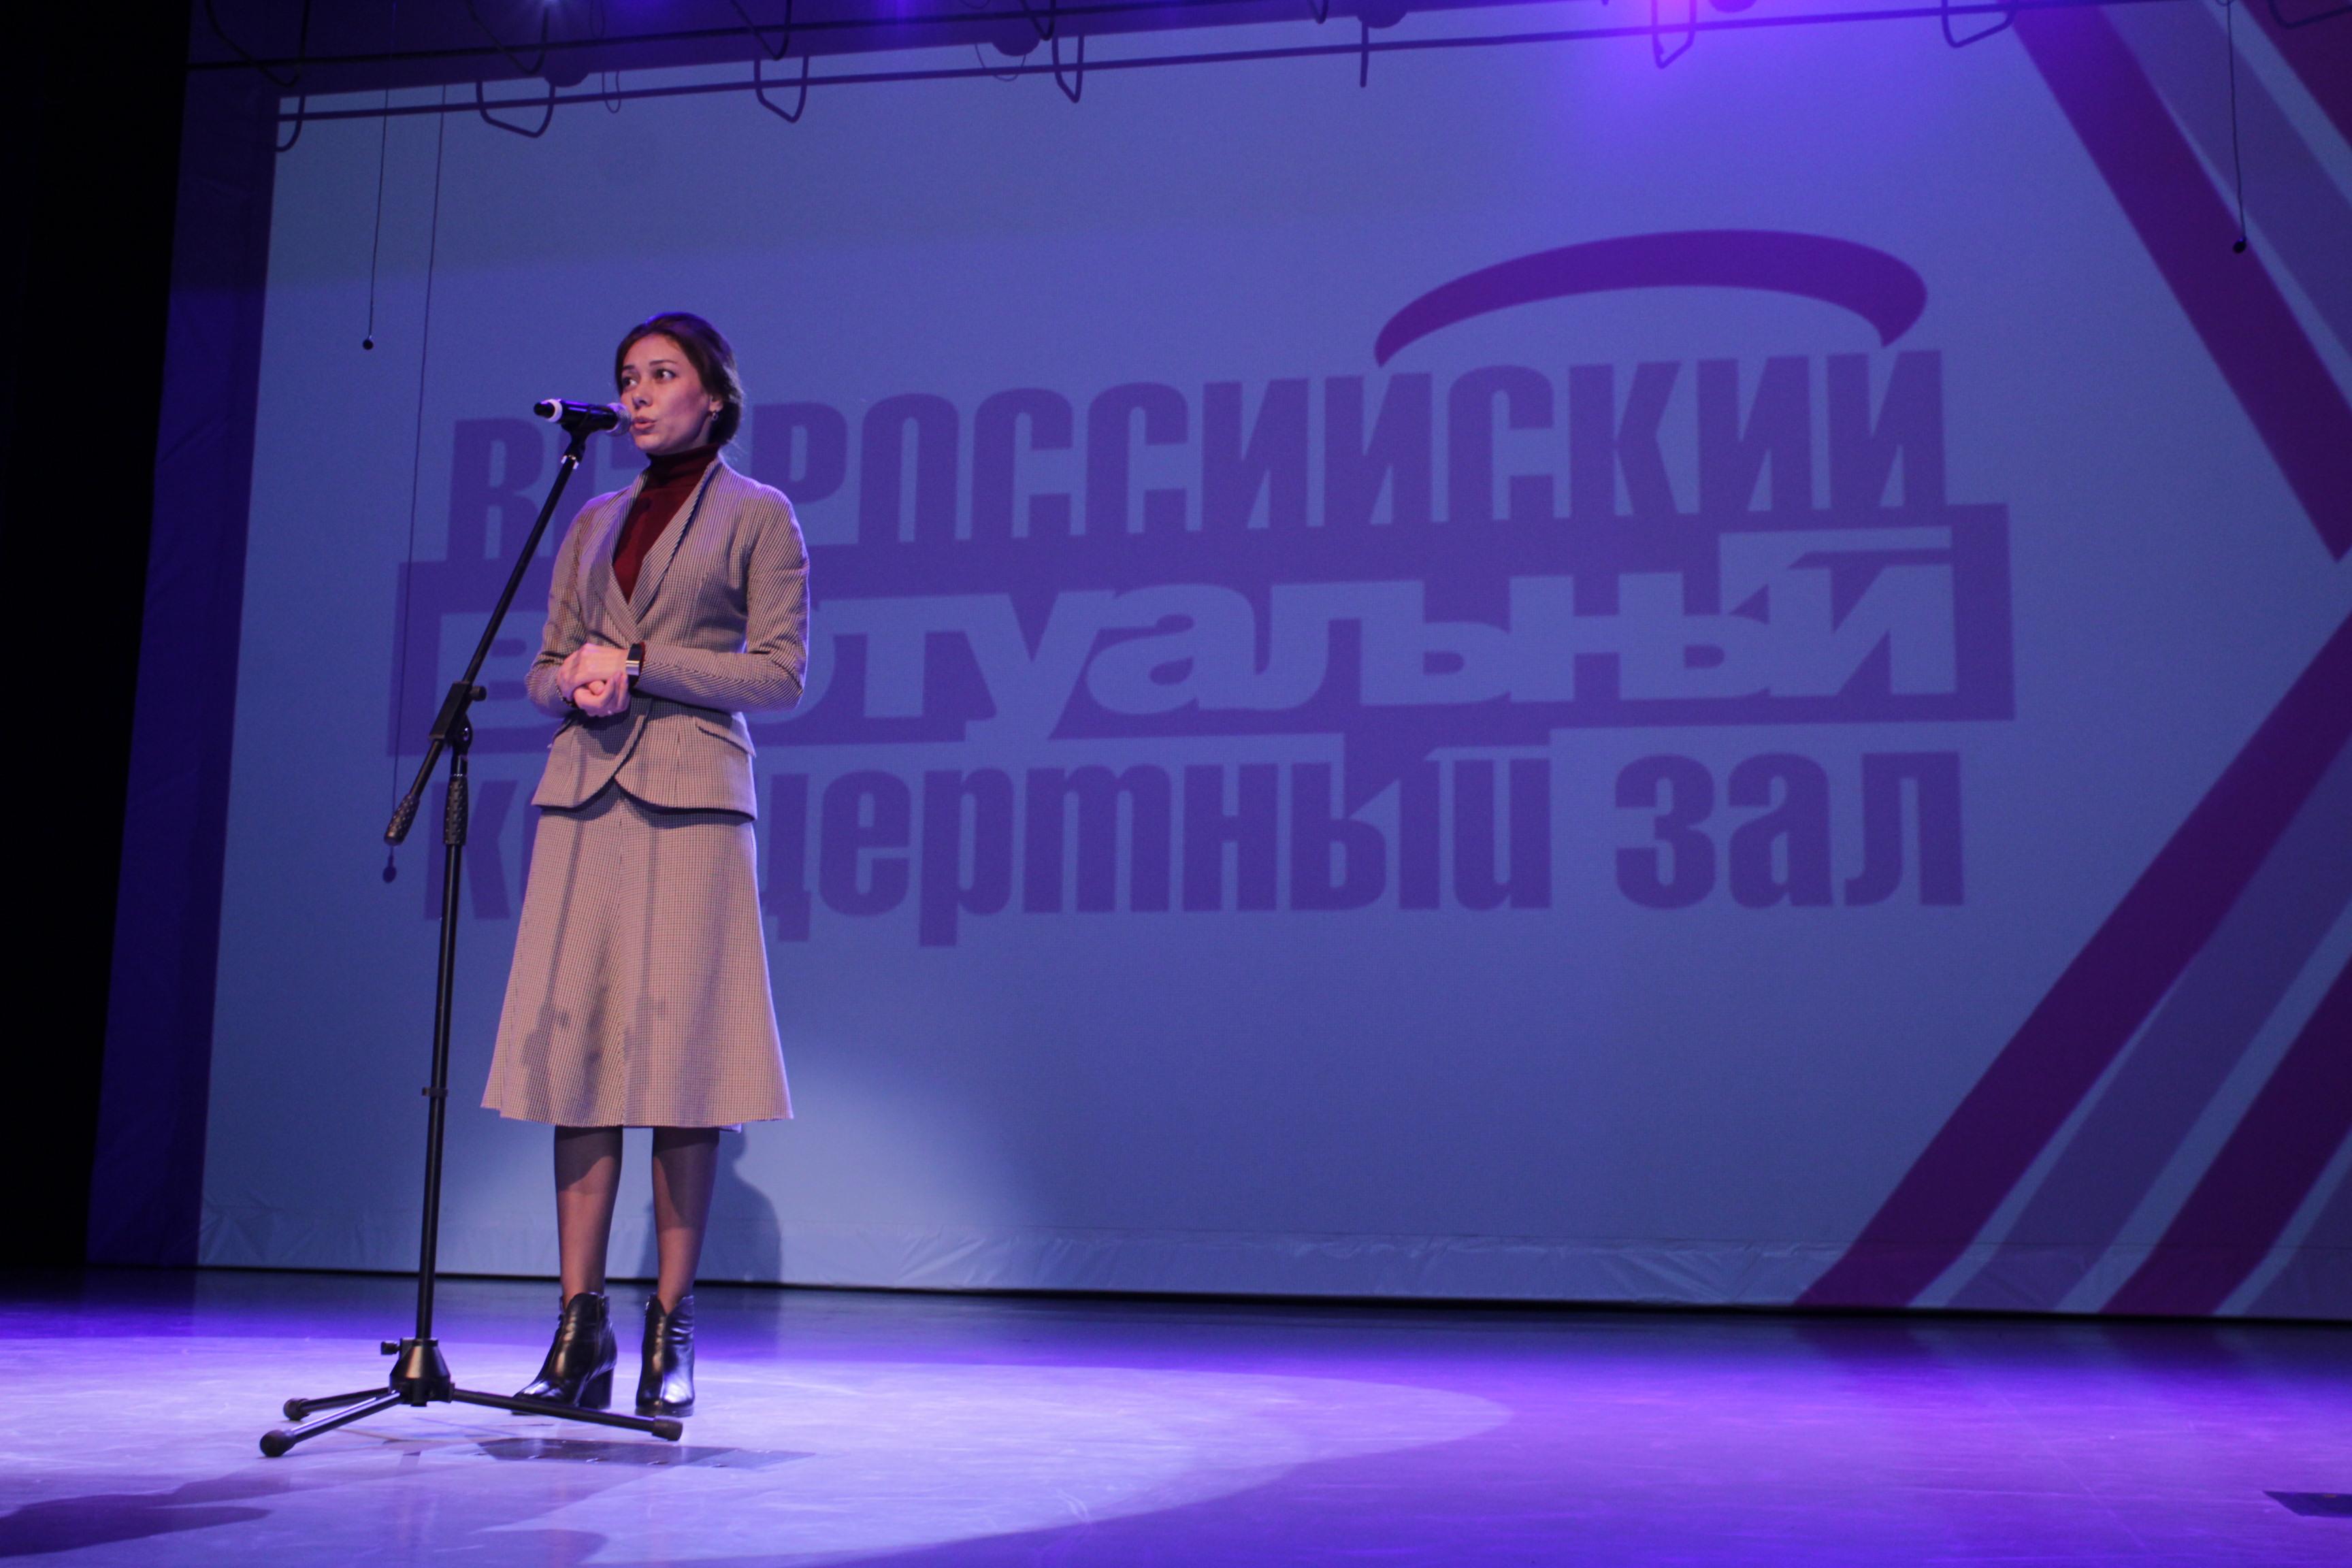 В Чебоксарах состоялось открытие Виртуального концертного зала